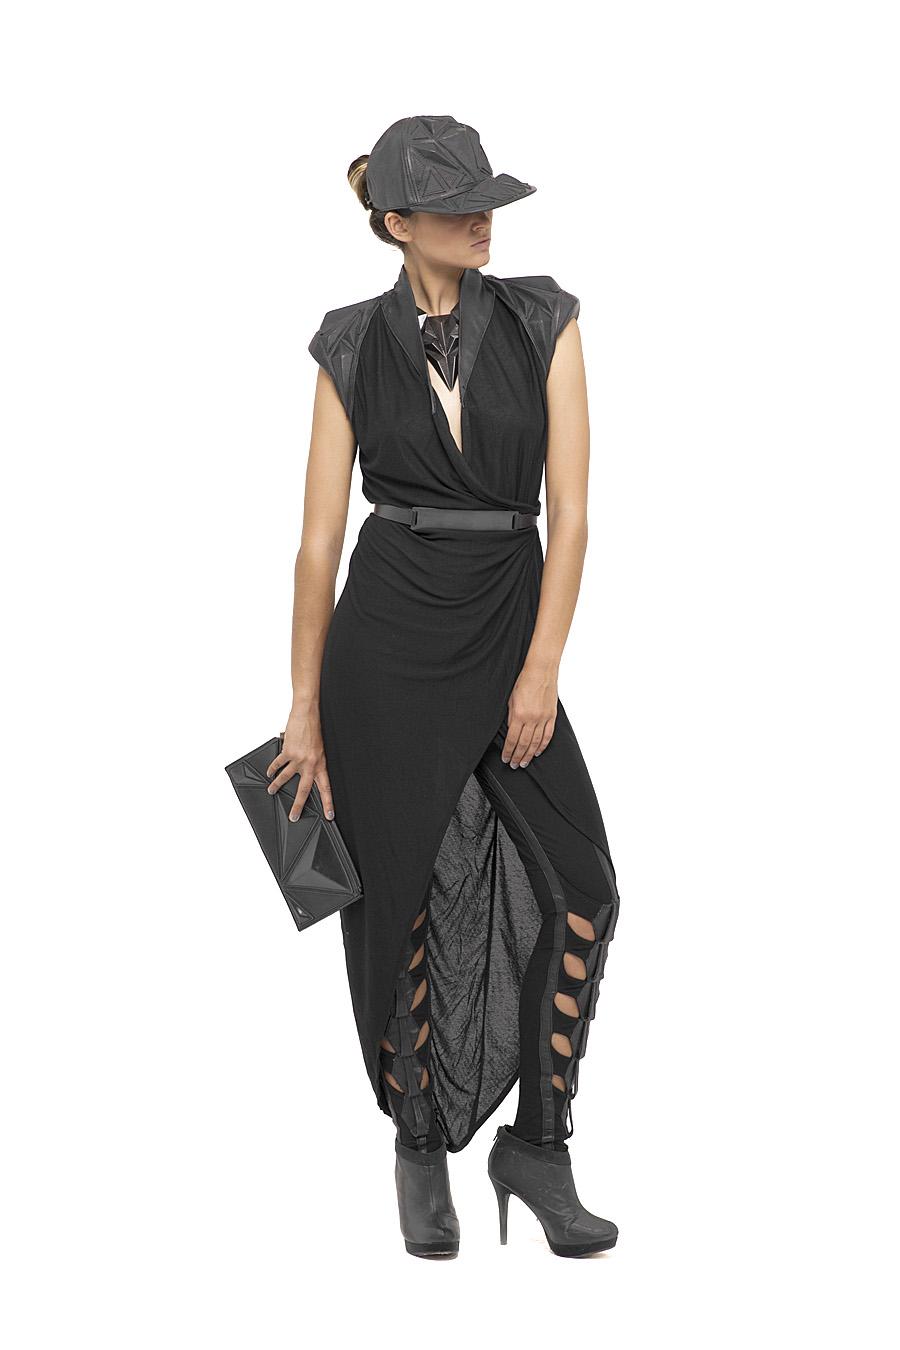 Var Shoulder Dress, Dragonfly Leggings